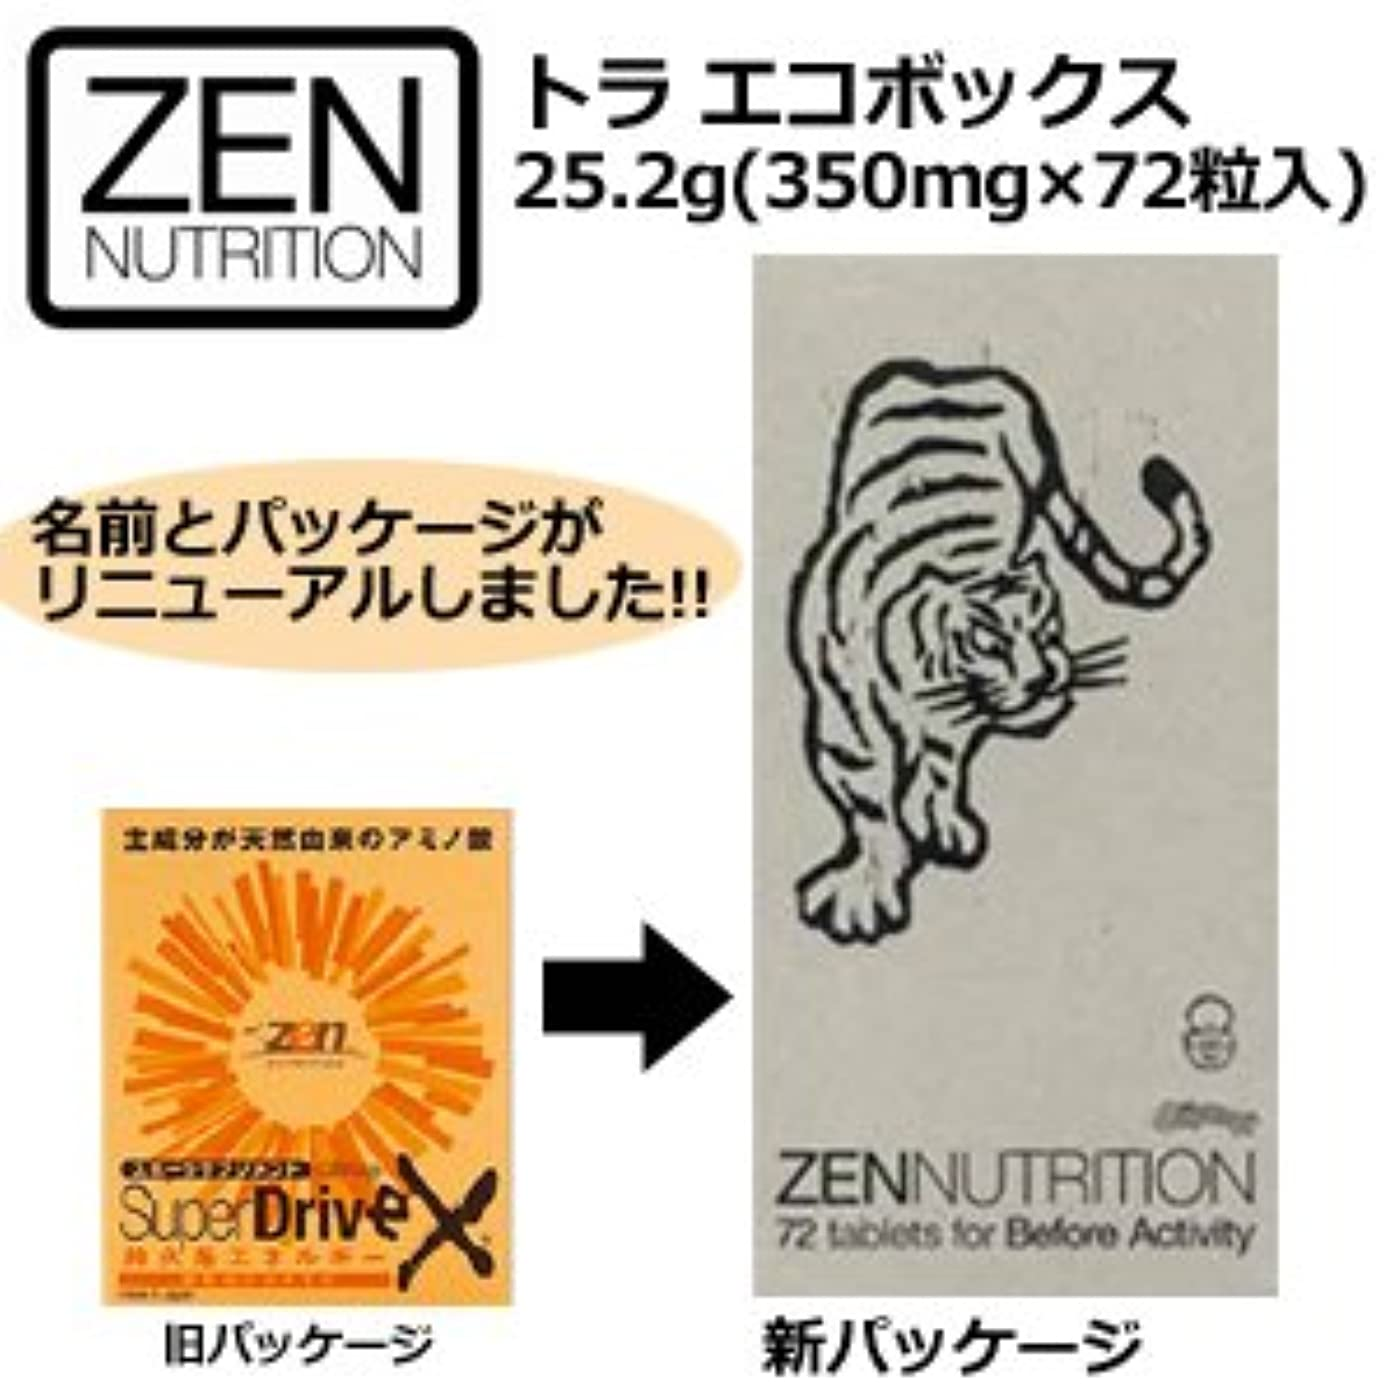 ふくろう平らな摂動ZEN ゼン SUPER DRIVE スーパードライブEX 虎 とら サプリメント アミノ酸●トラ エコボックス 25.2g